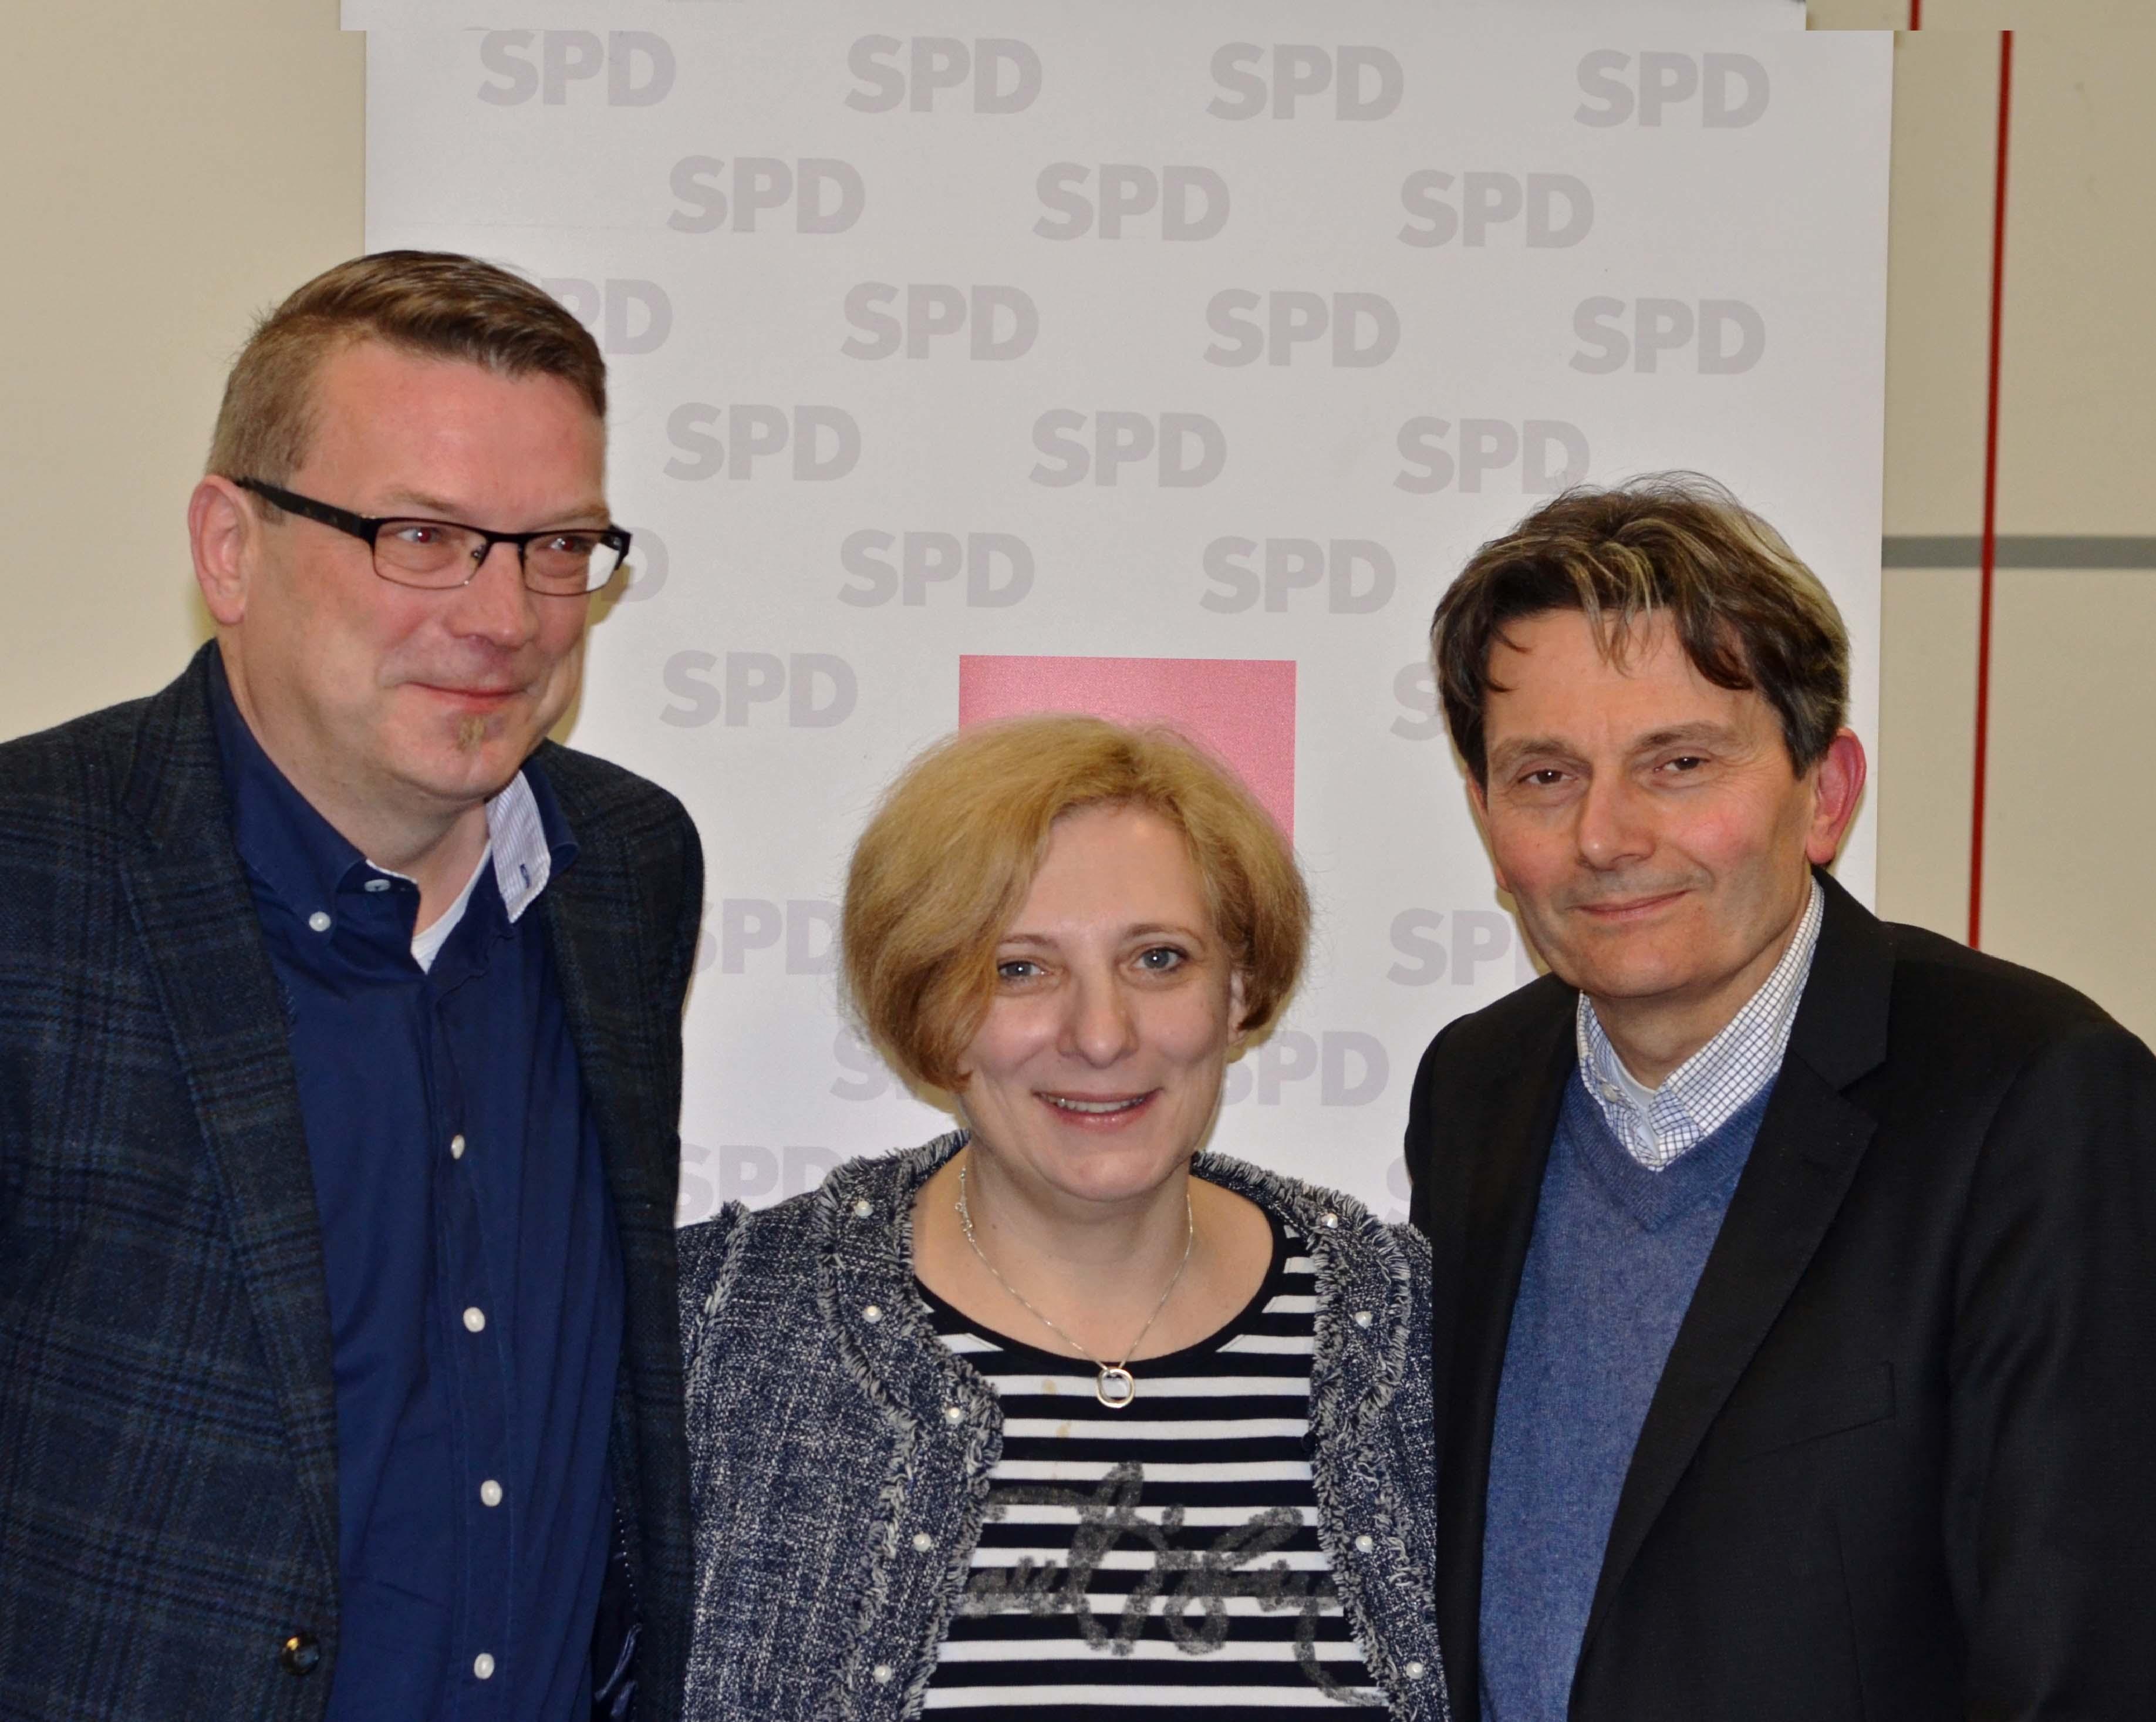 Fredo Weiden, Dr. Daniela De Ridder und Dr. Rolf Mützenich